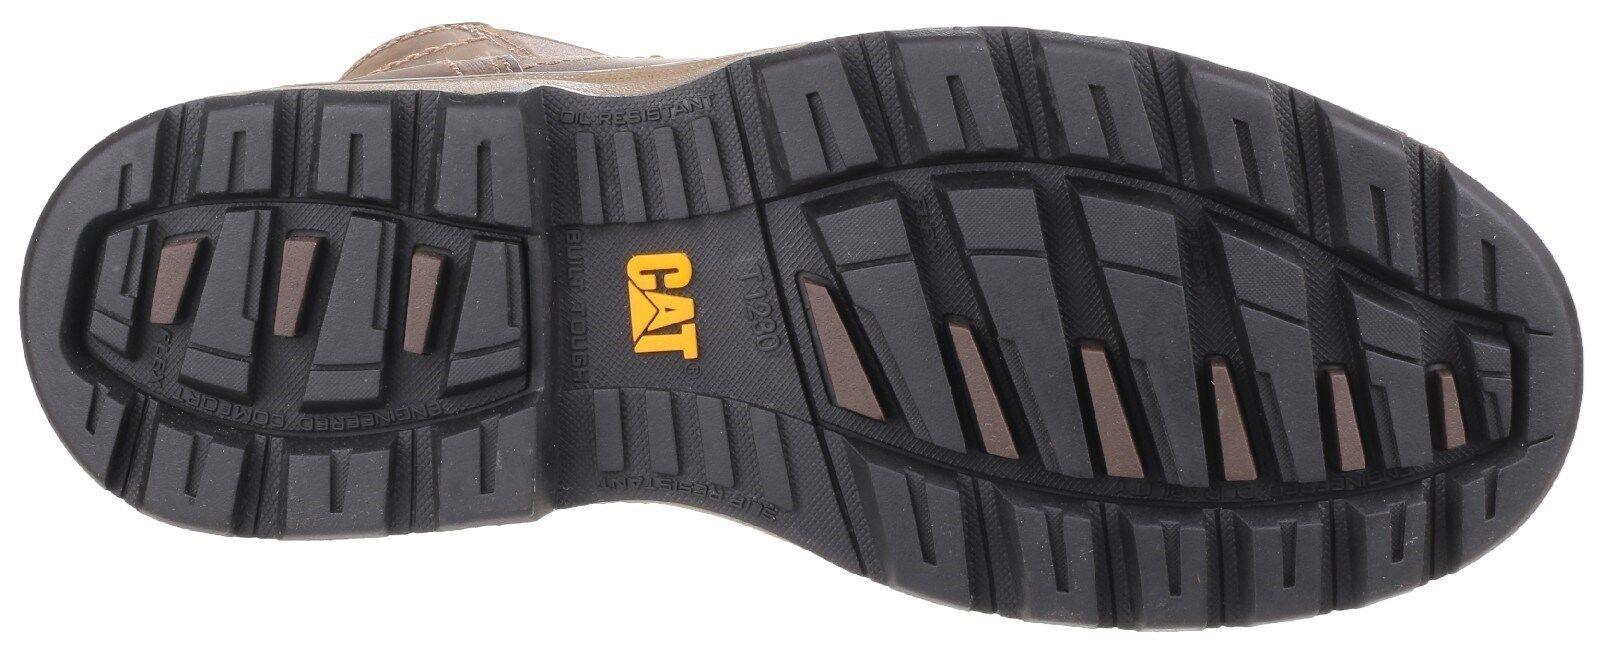 Détails sur CAT Caterpillar Pelton Bottes Sécurité Mens Industriel Chaussures Travail UK6 12